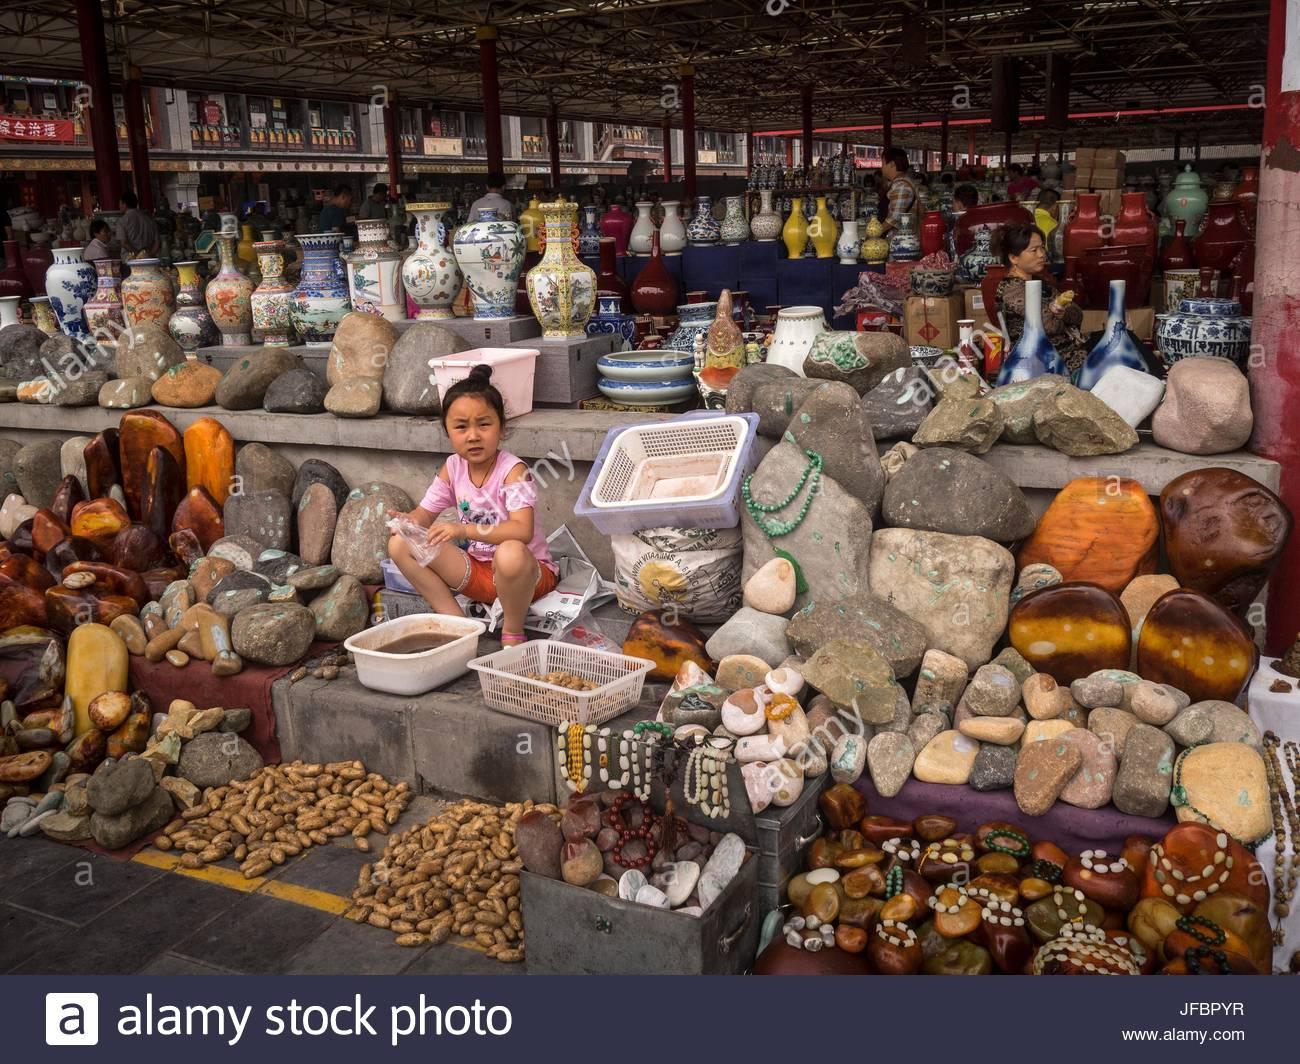 Une jeune fille est assise à l'extérieur d'un magasin de bijoux et la céramique à l'Marché Photo Stock